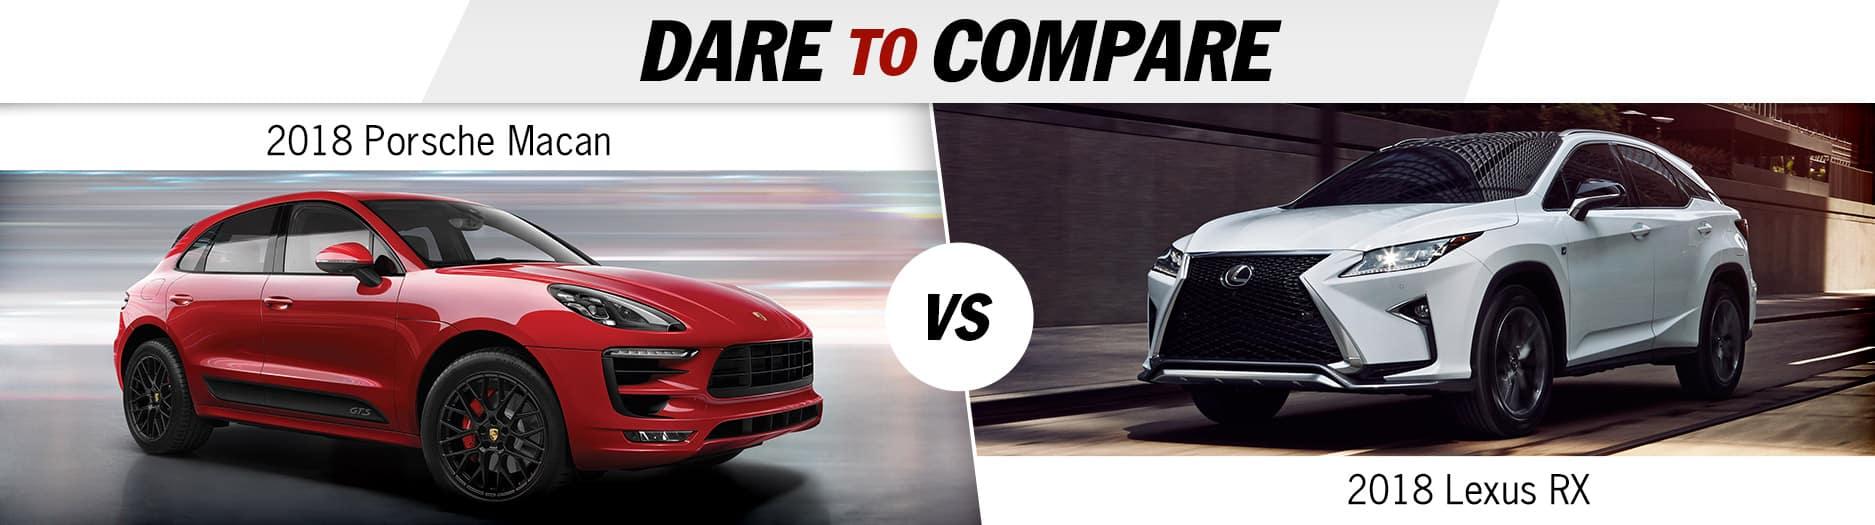 Dare to compare - Porsche vs. Lexus